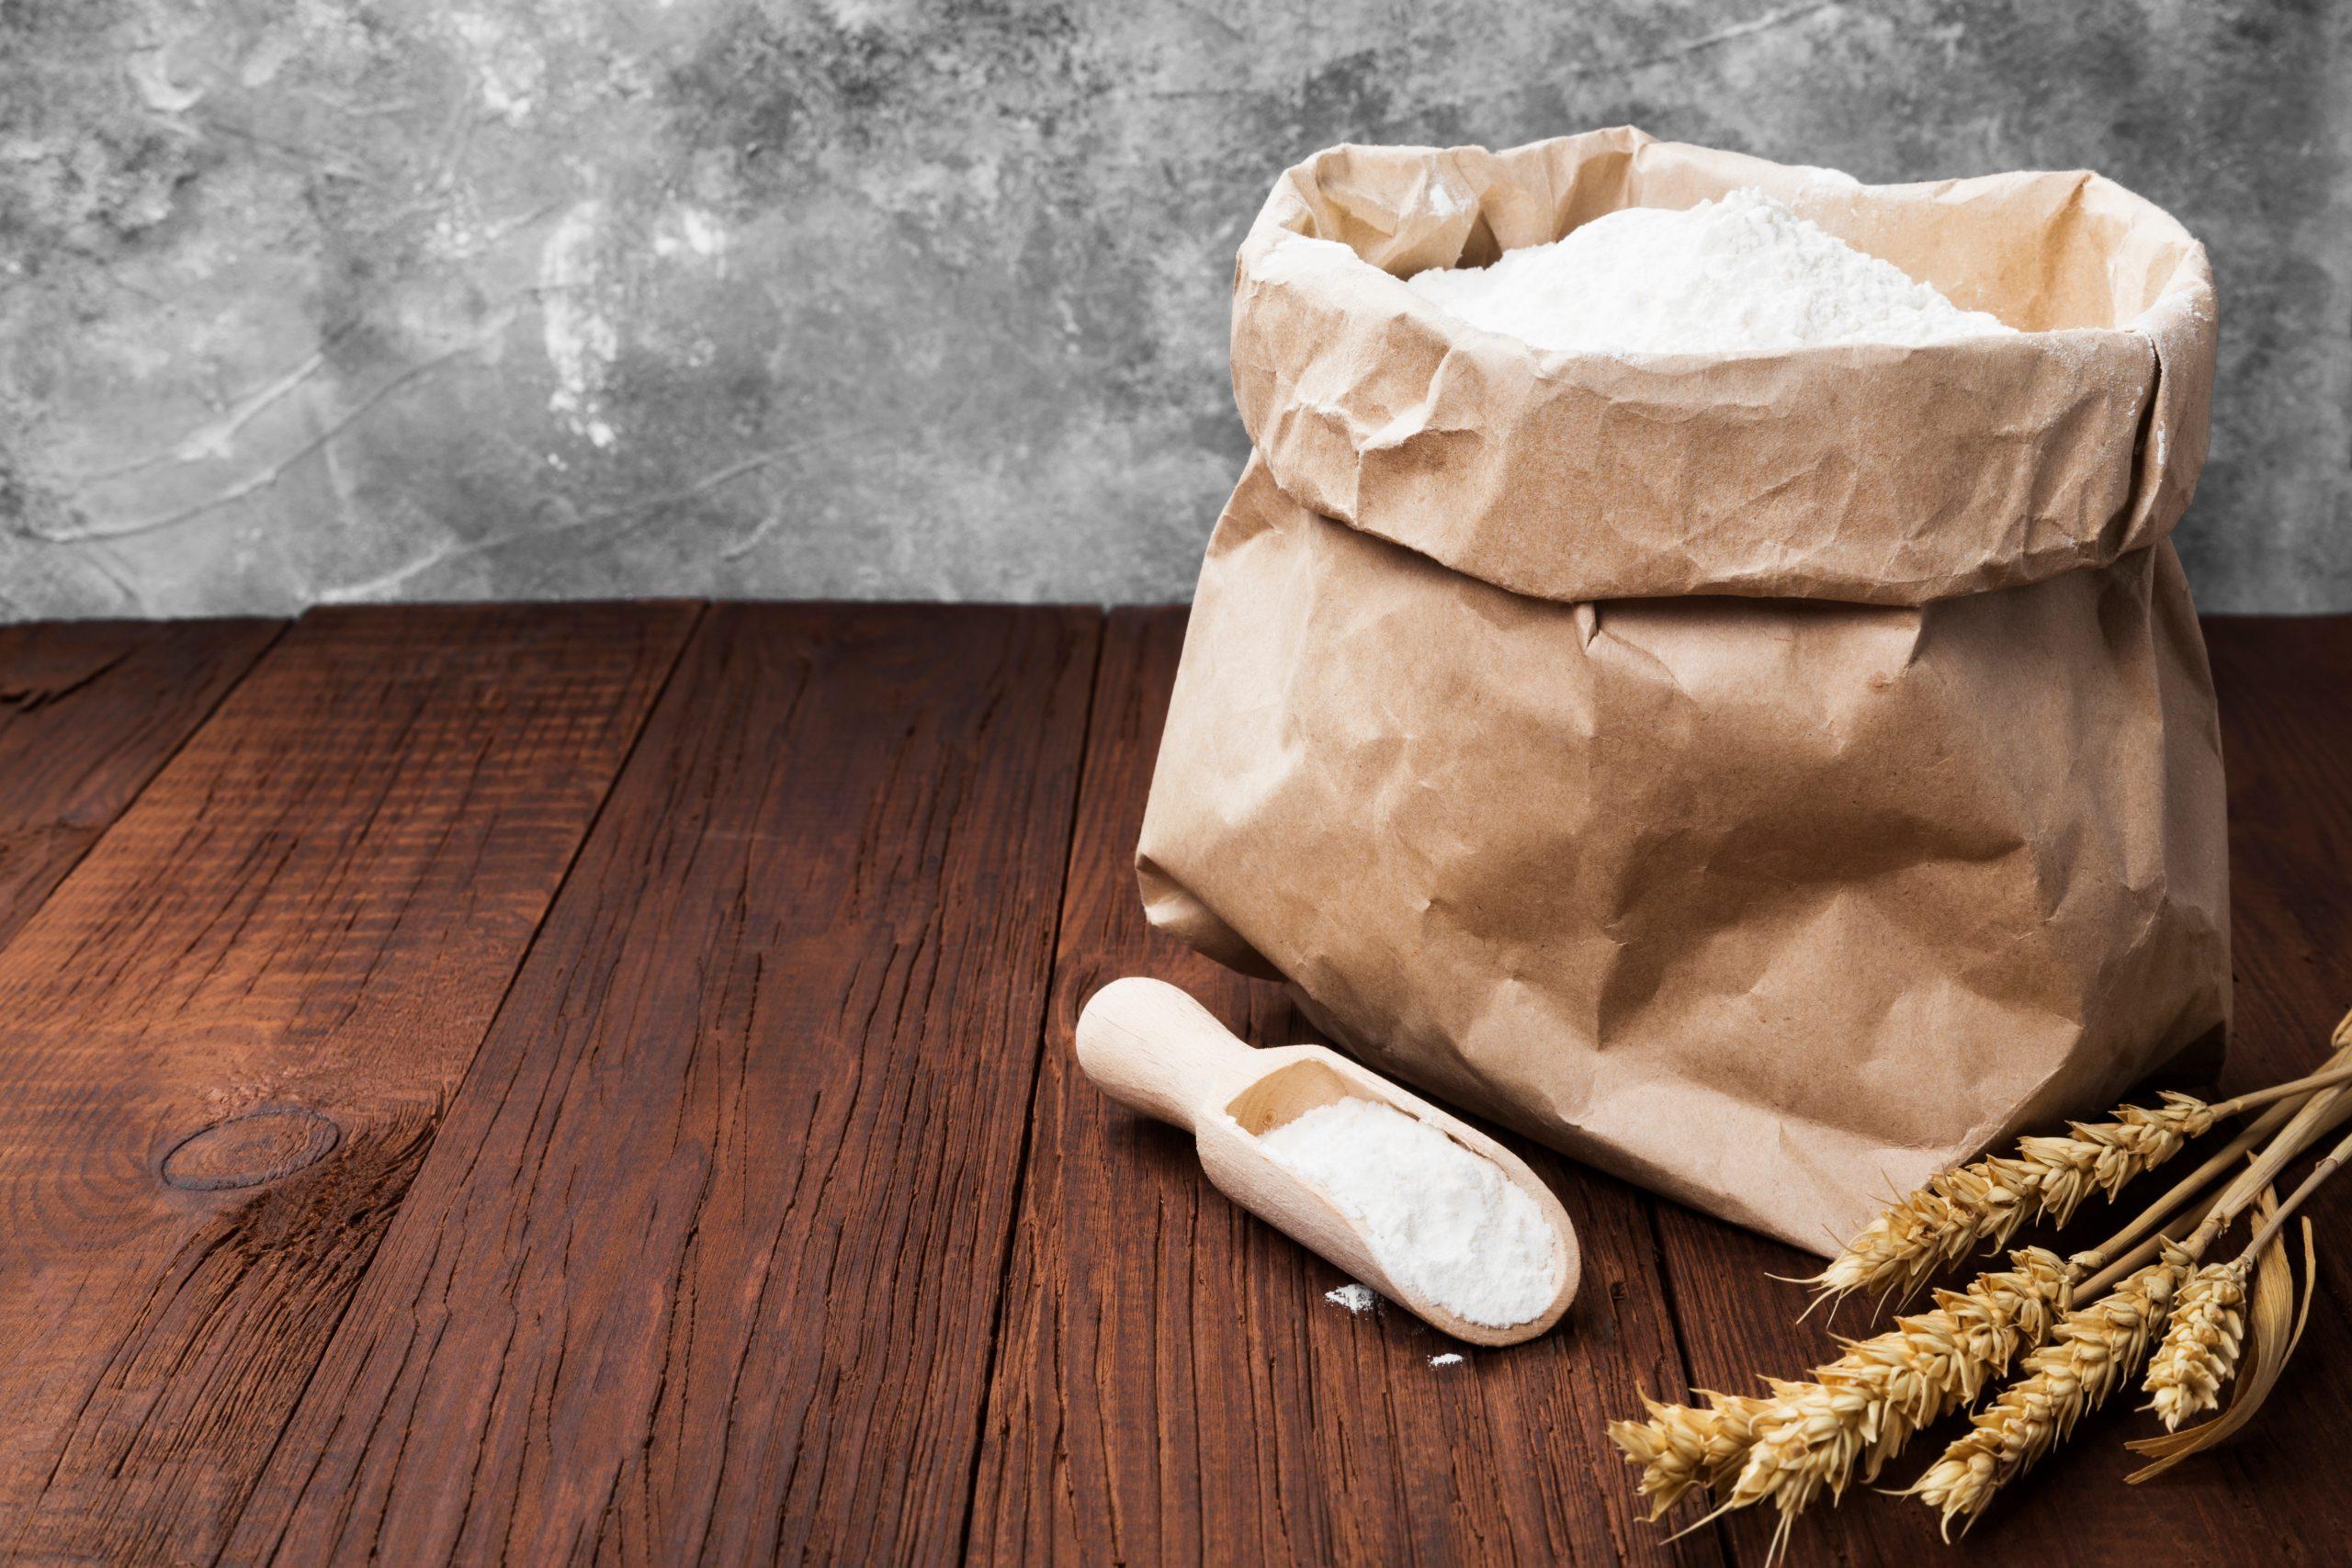 shutterstock_771063301 Flour